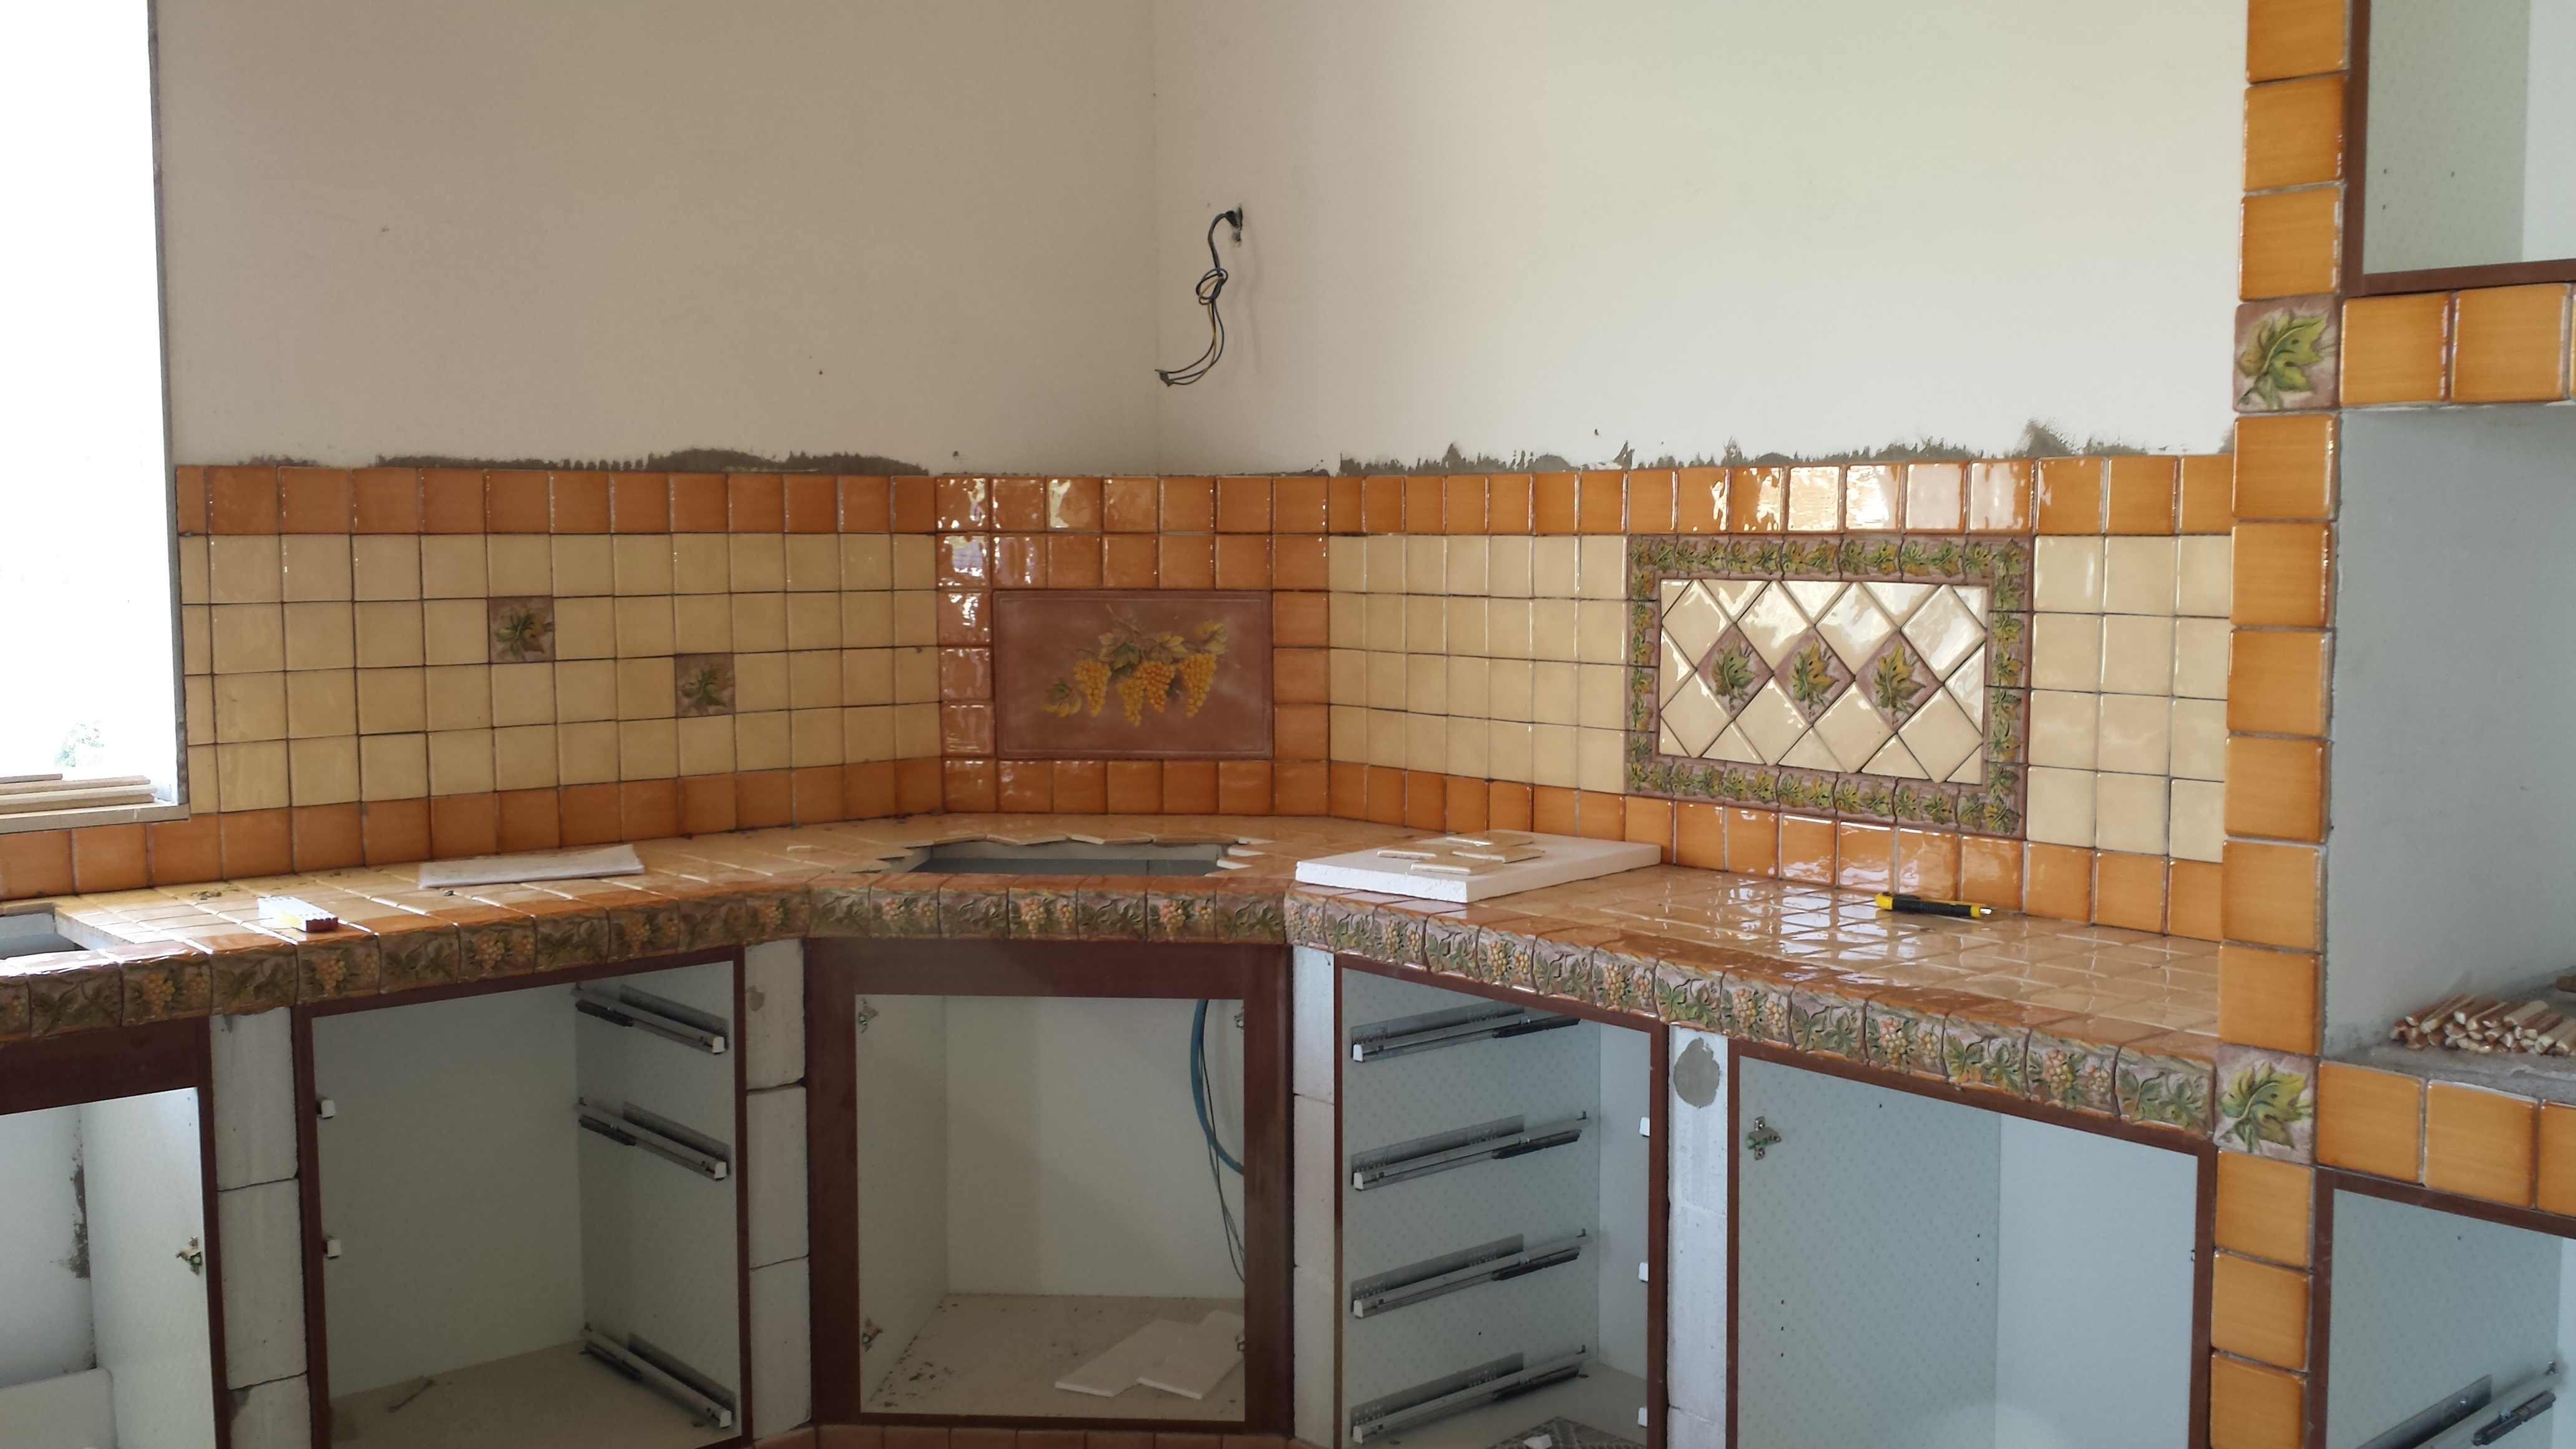 Cucina In Muratura Prezzi | Cucina In Finta Muratura Prezzi Cucina ...